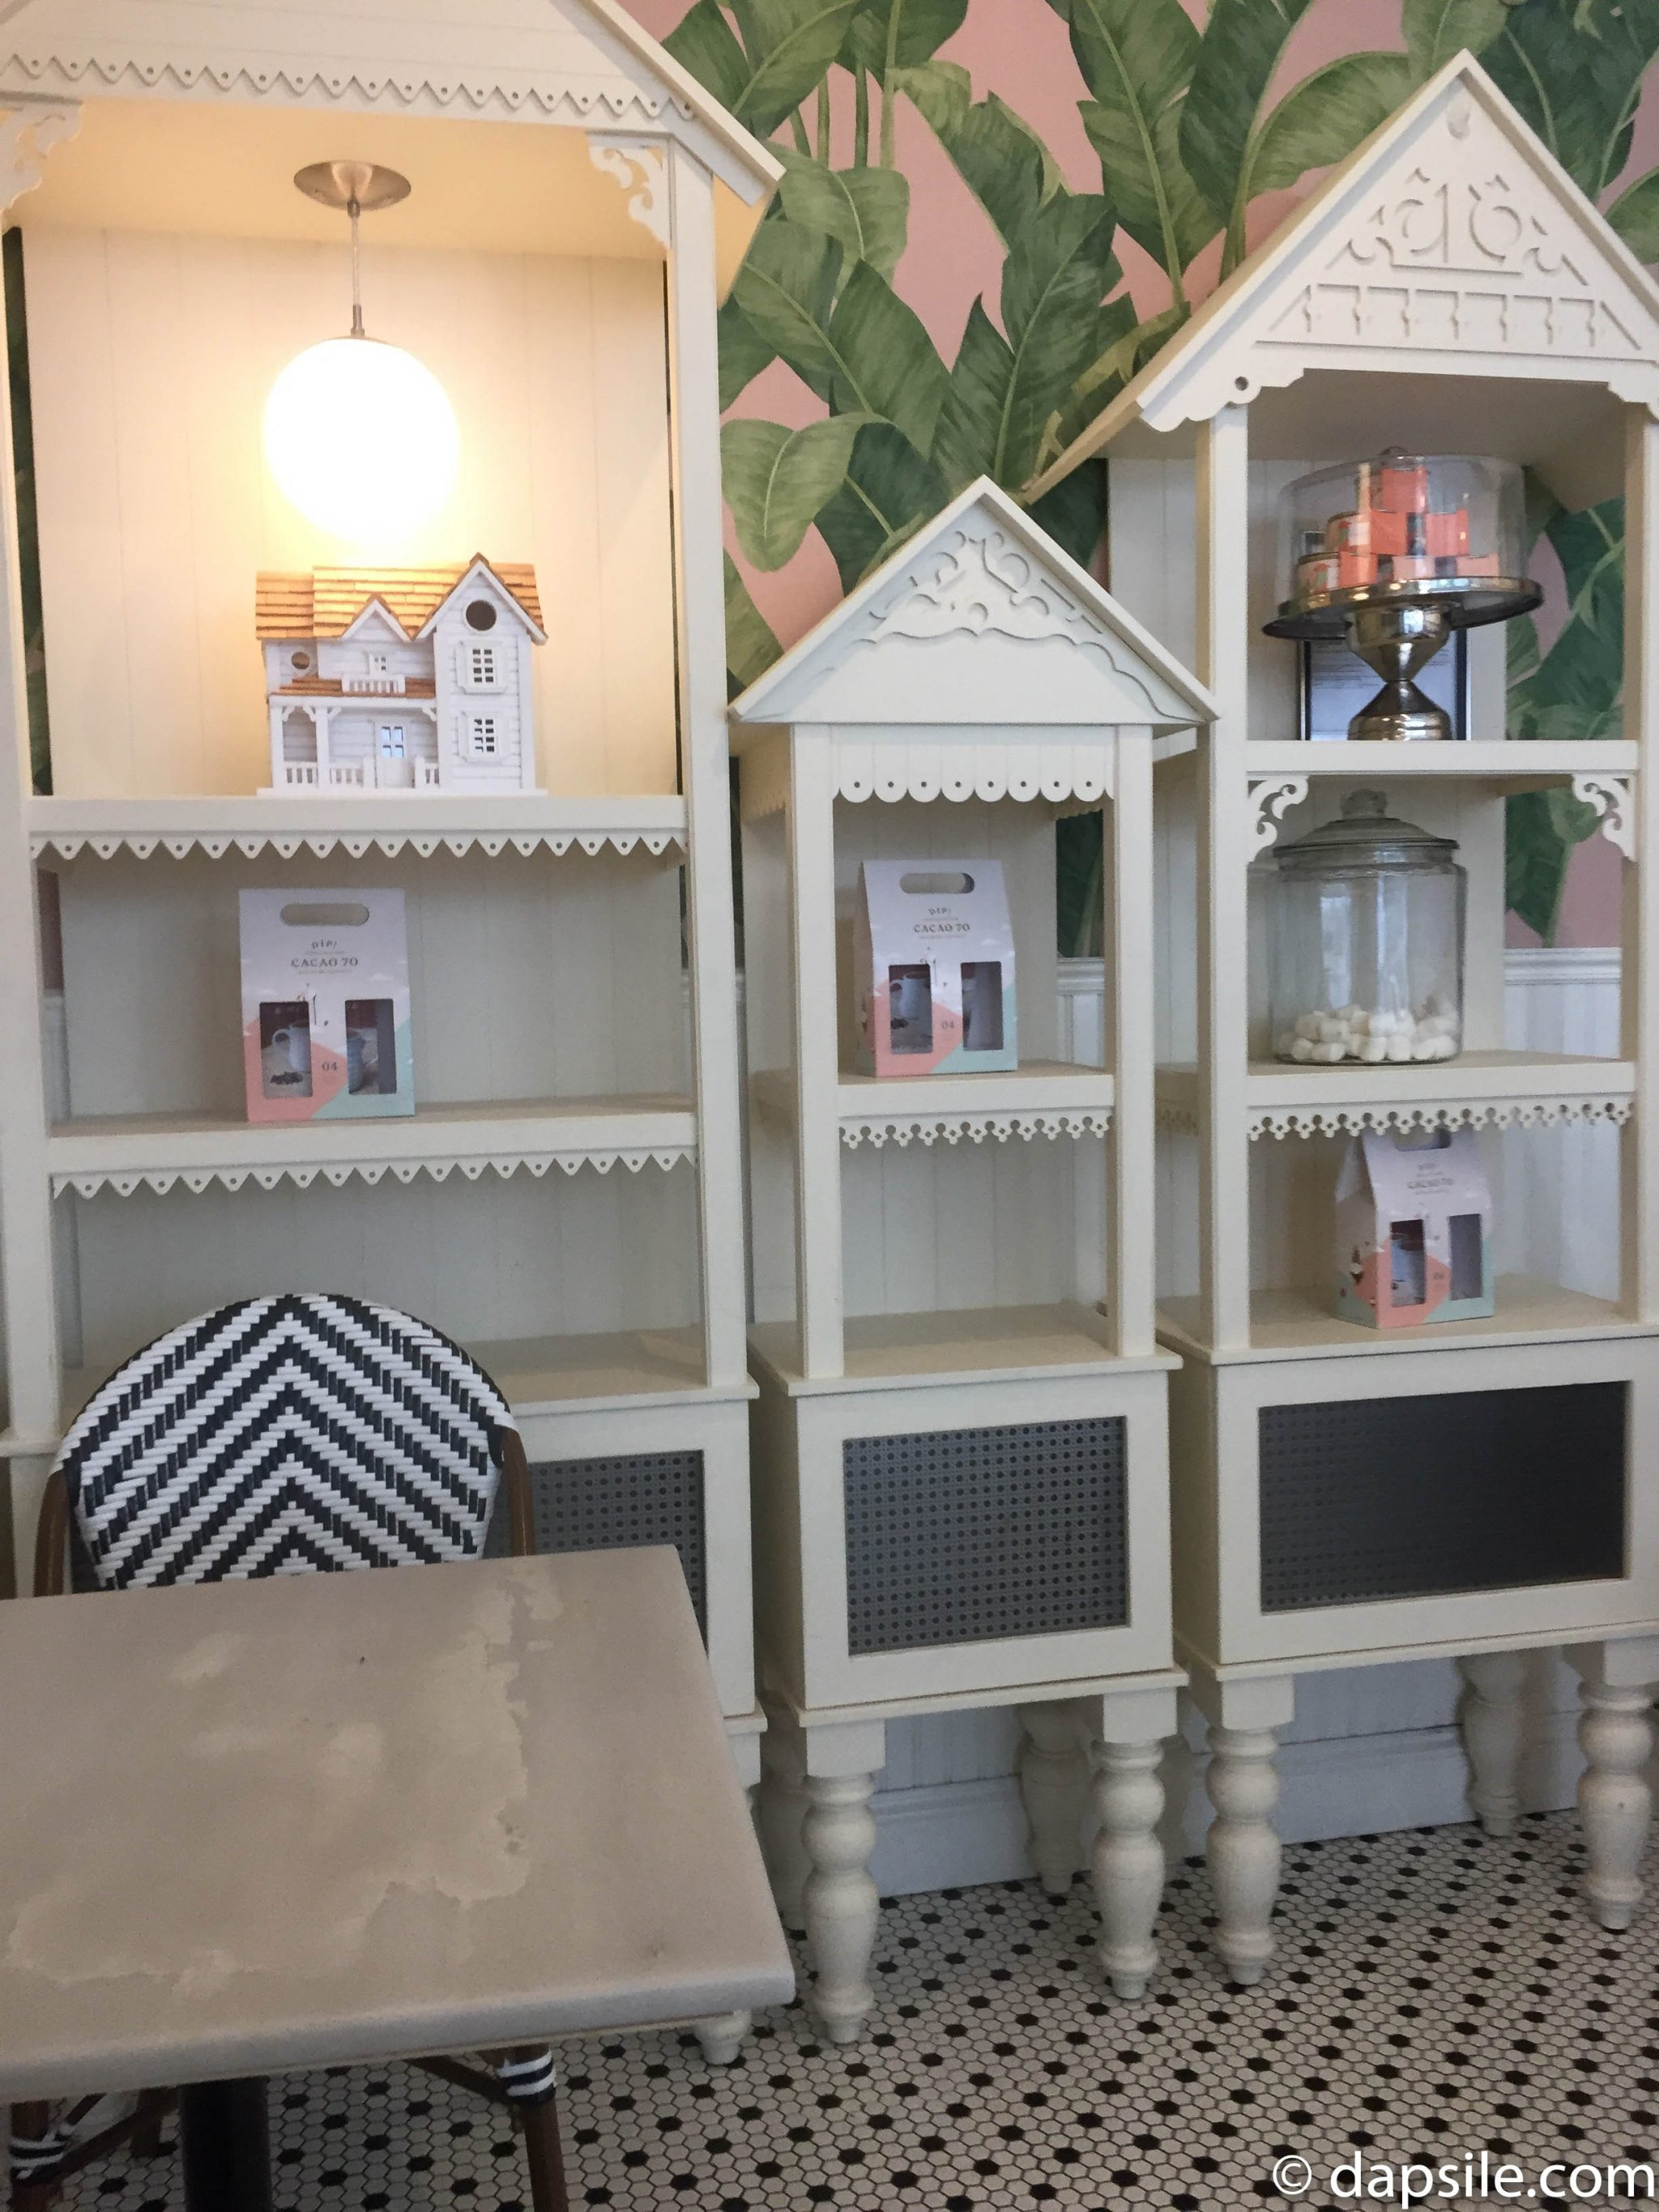 Cacao 70 Dip Shop decorative shelves